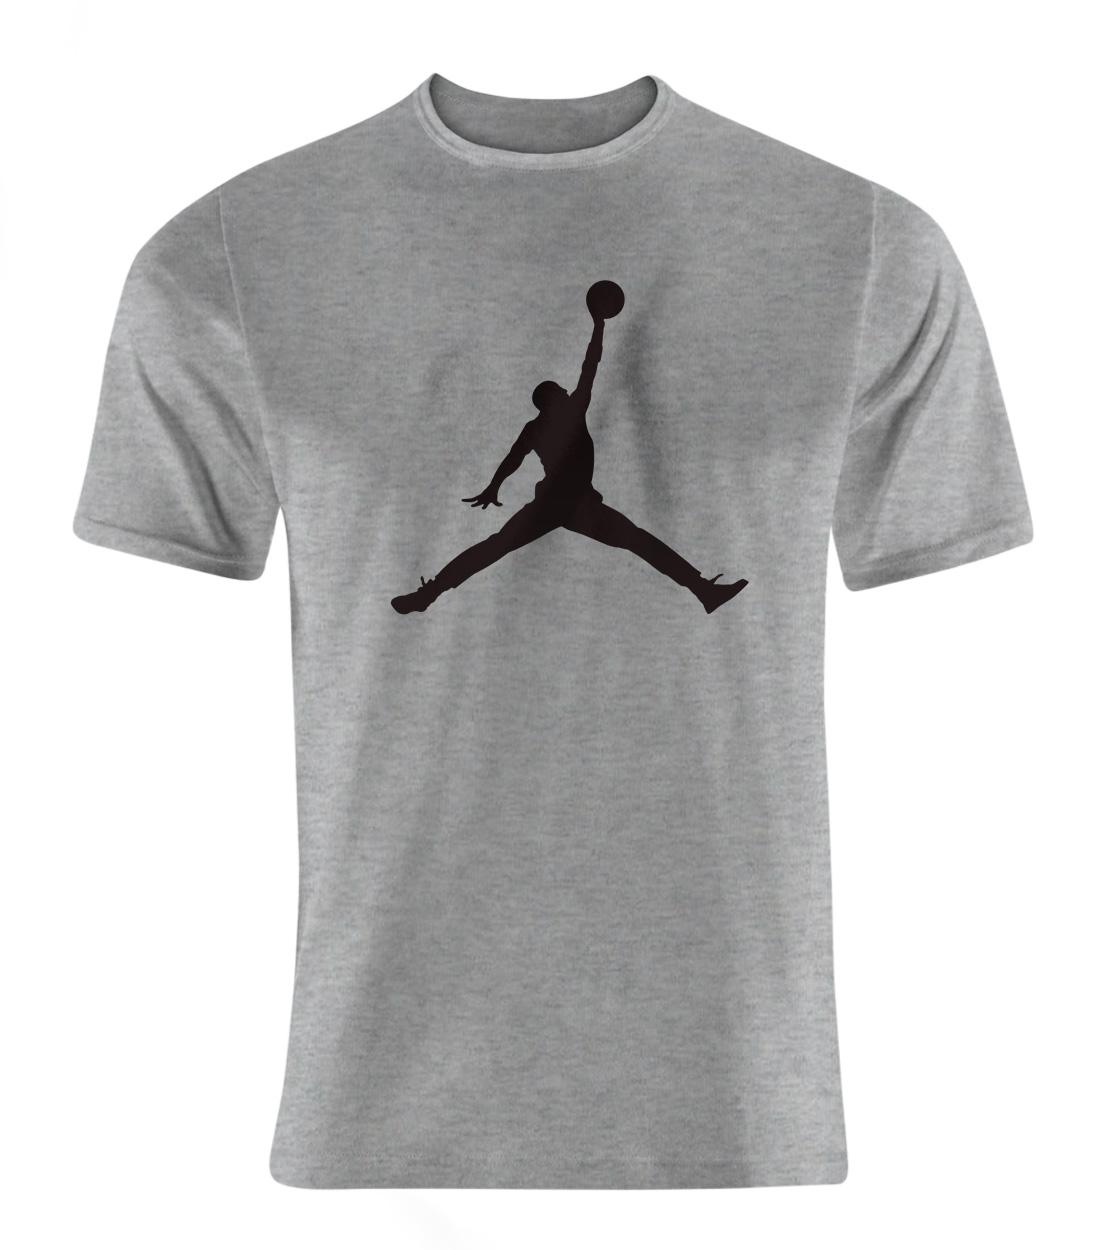 Air Jordan Tshirt (out-TSH-GRY-NP-4-PLYR-JRDN-SYH)